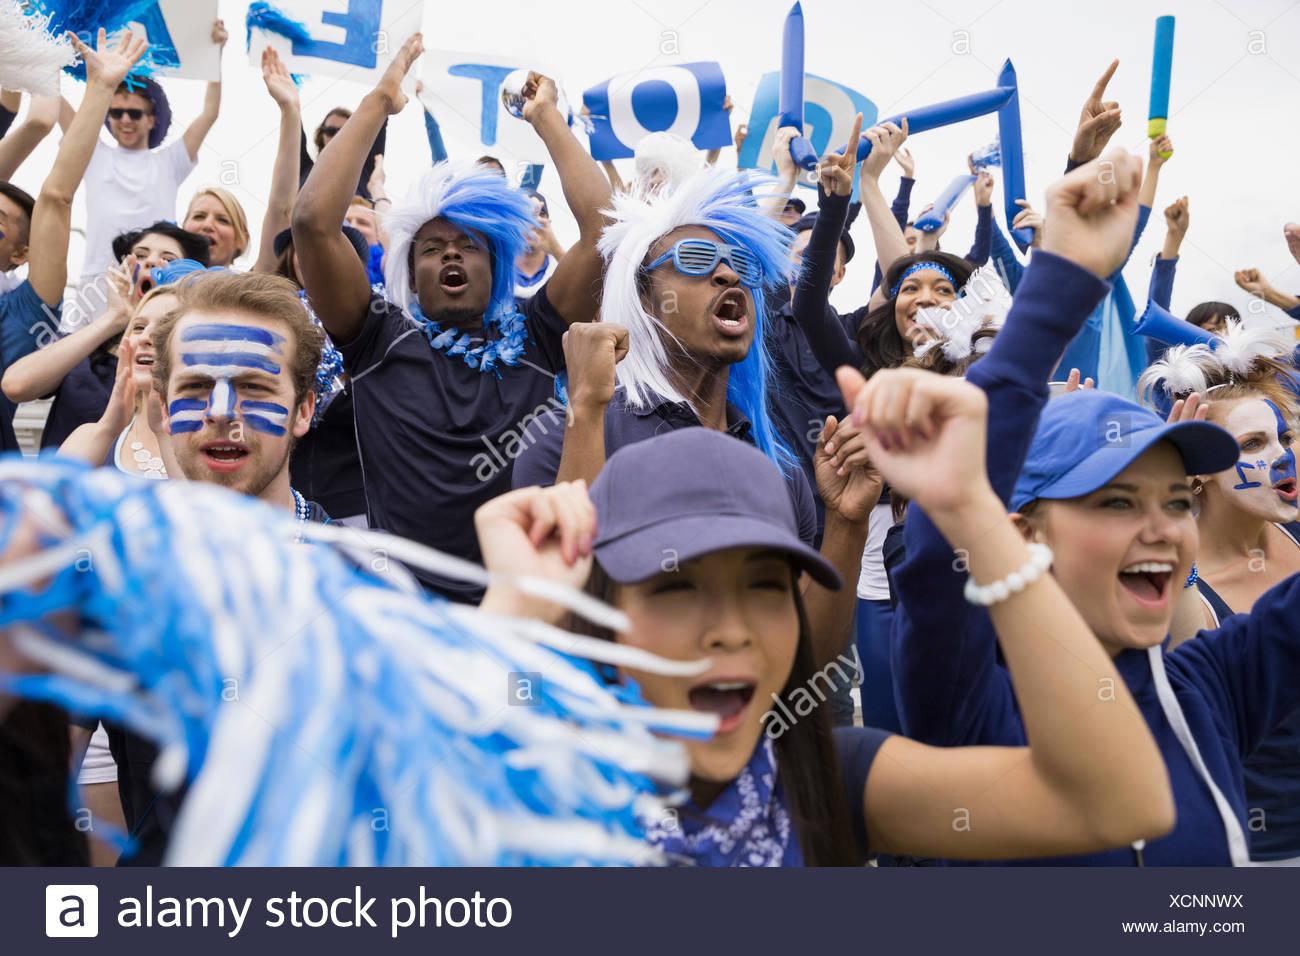 Foule enthousiaste en bleu de l'événement sportif Photo Stock